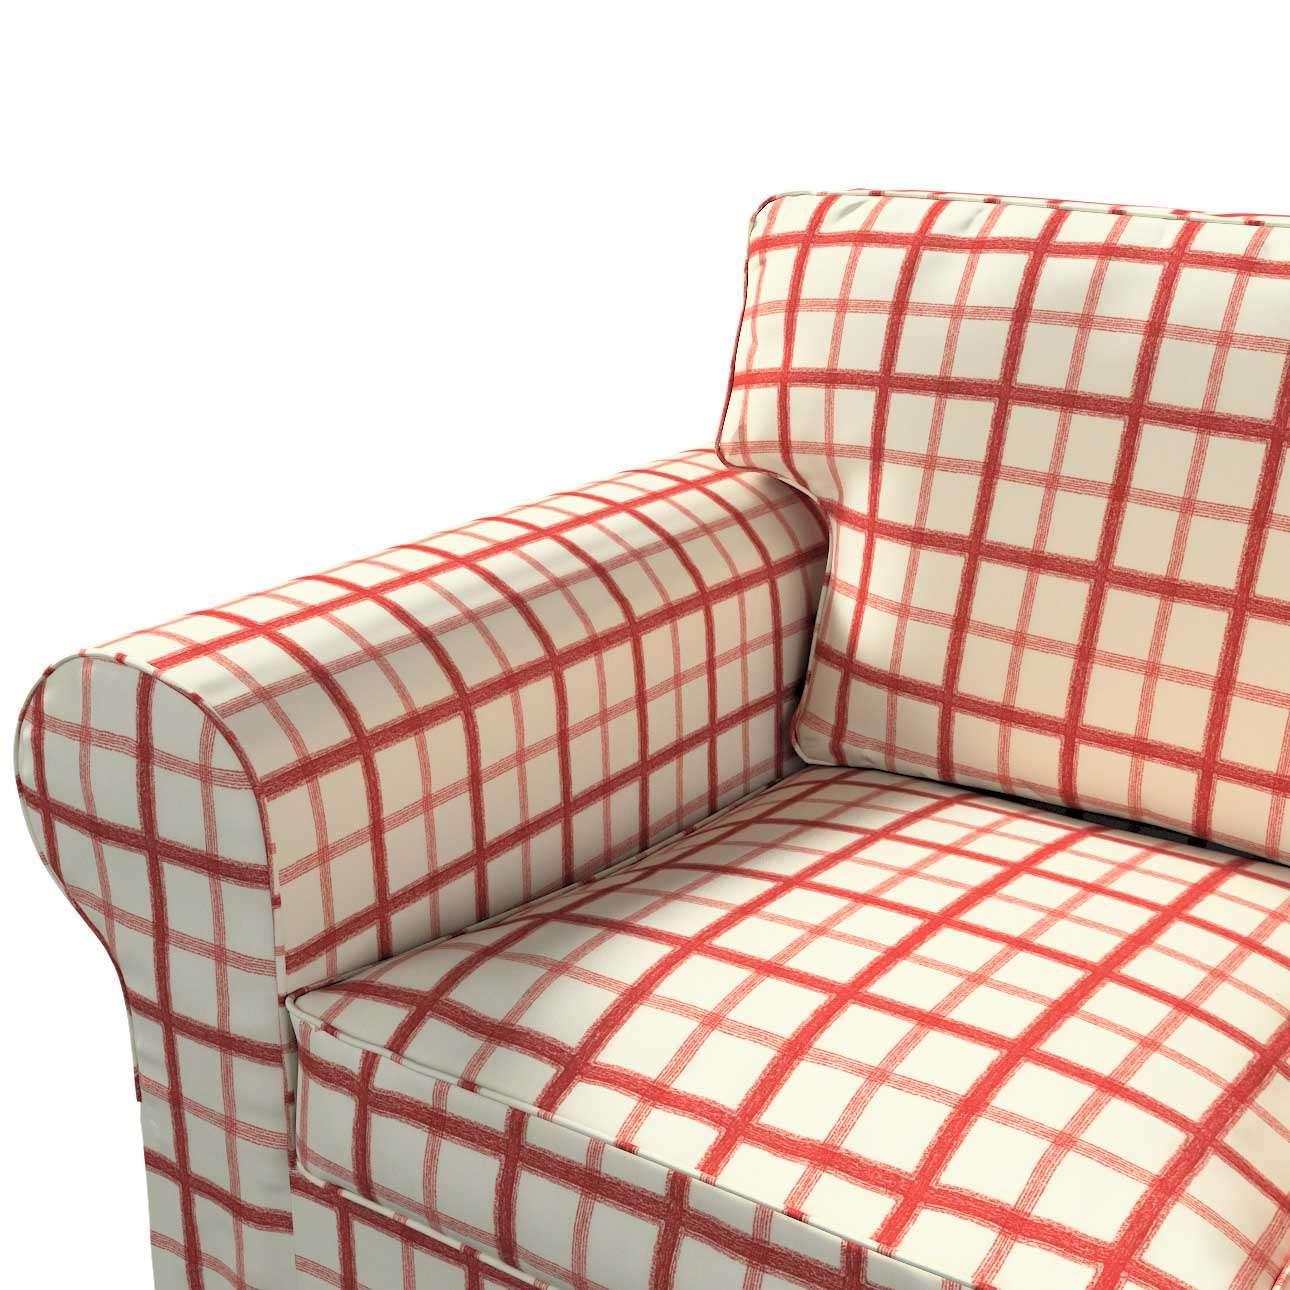 Pokrowiec na sofę Ektorp 3-osobową, rozkładaną NOWY MODEL 2013 Ektorp 3-os rozkładany nowy model 2013 w kolekcji Avinon, tkanina: 131-15